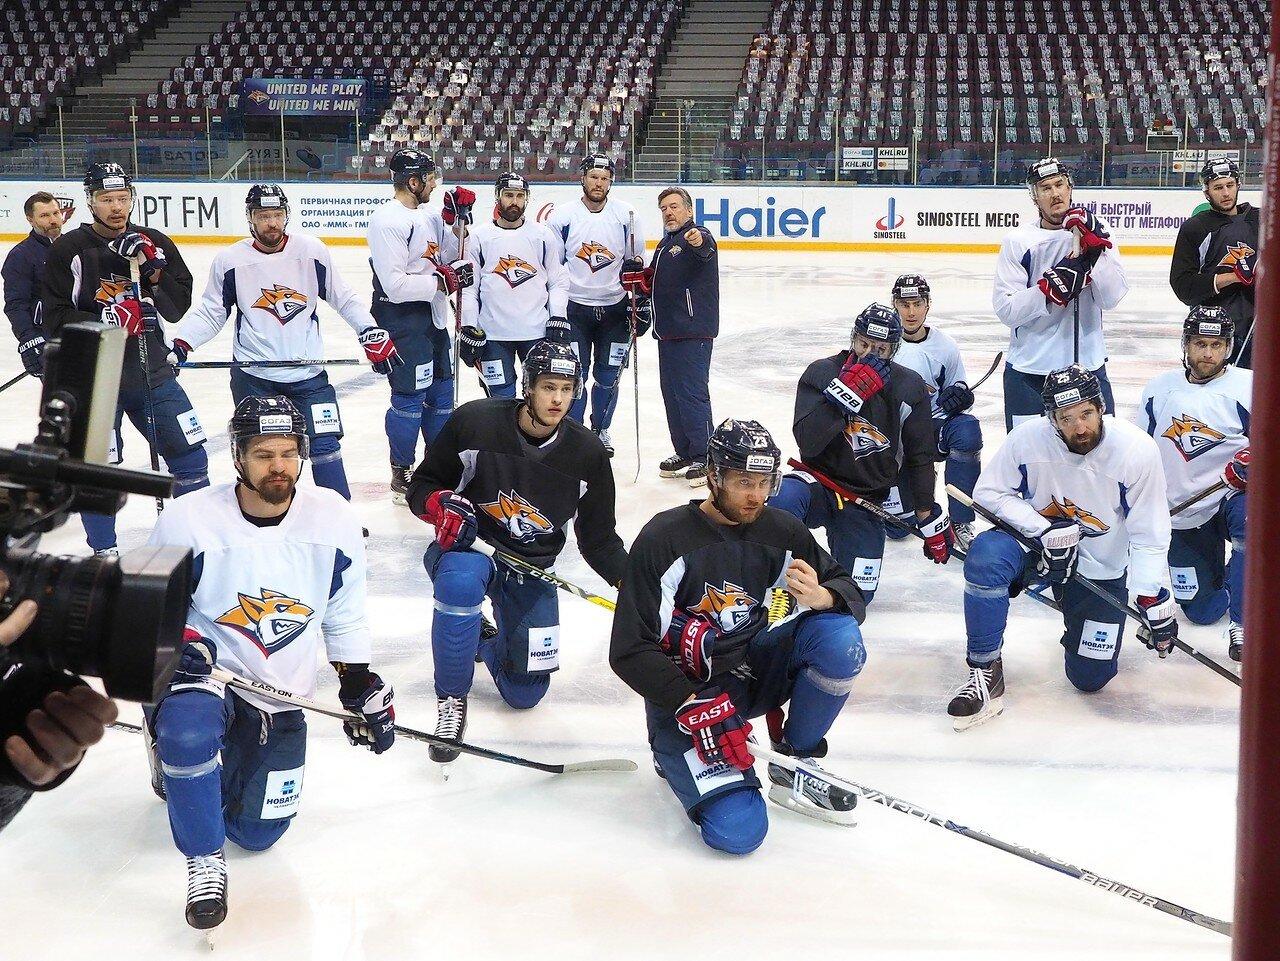 15 Открытая тренировка перед финалом плей-офф КХЛ 2017 06.04.2017